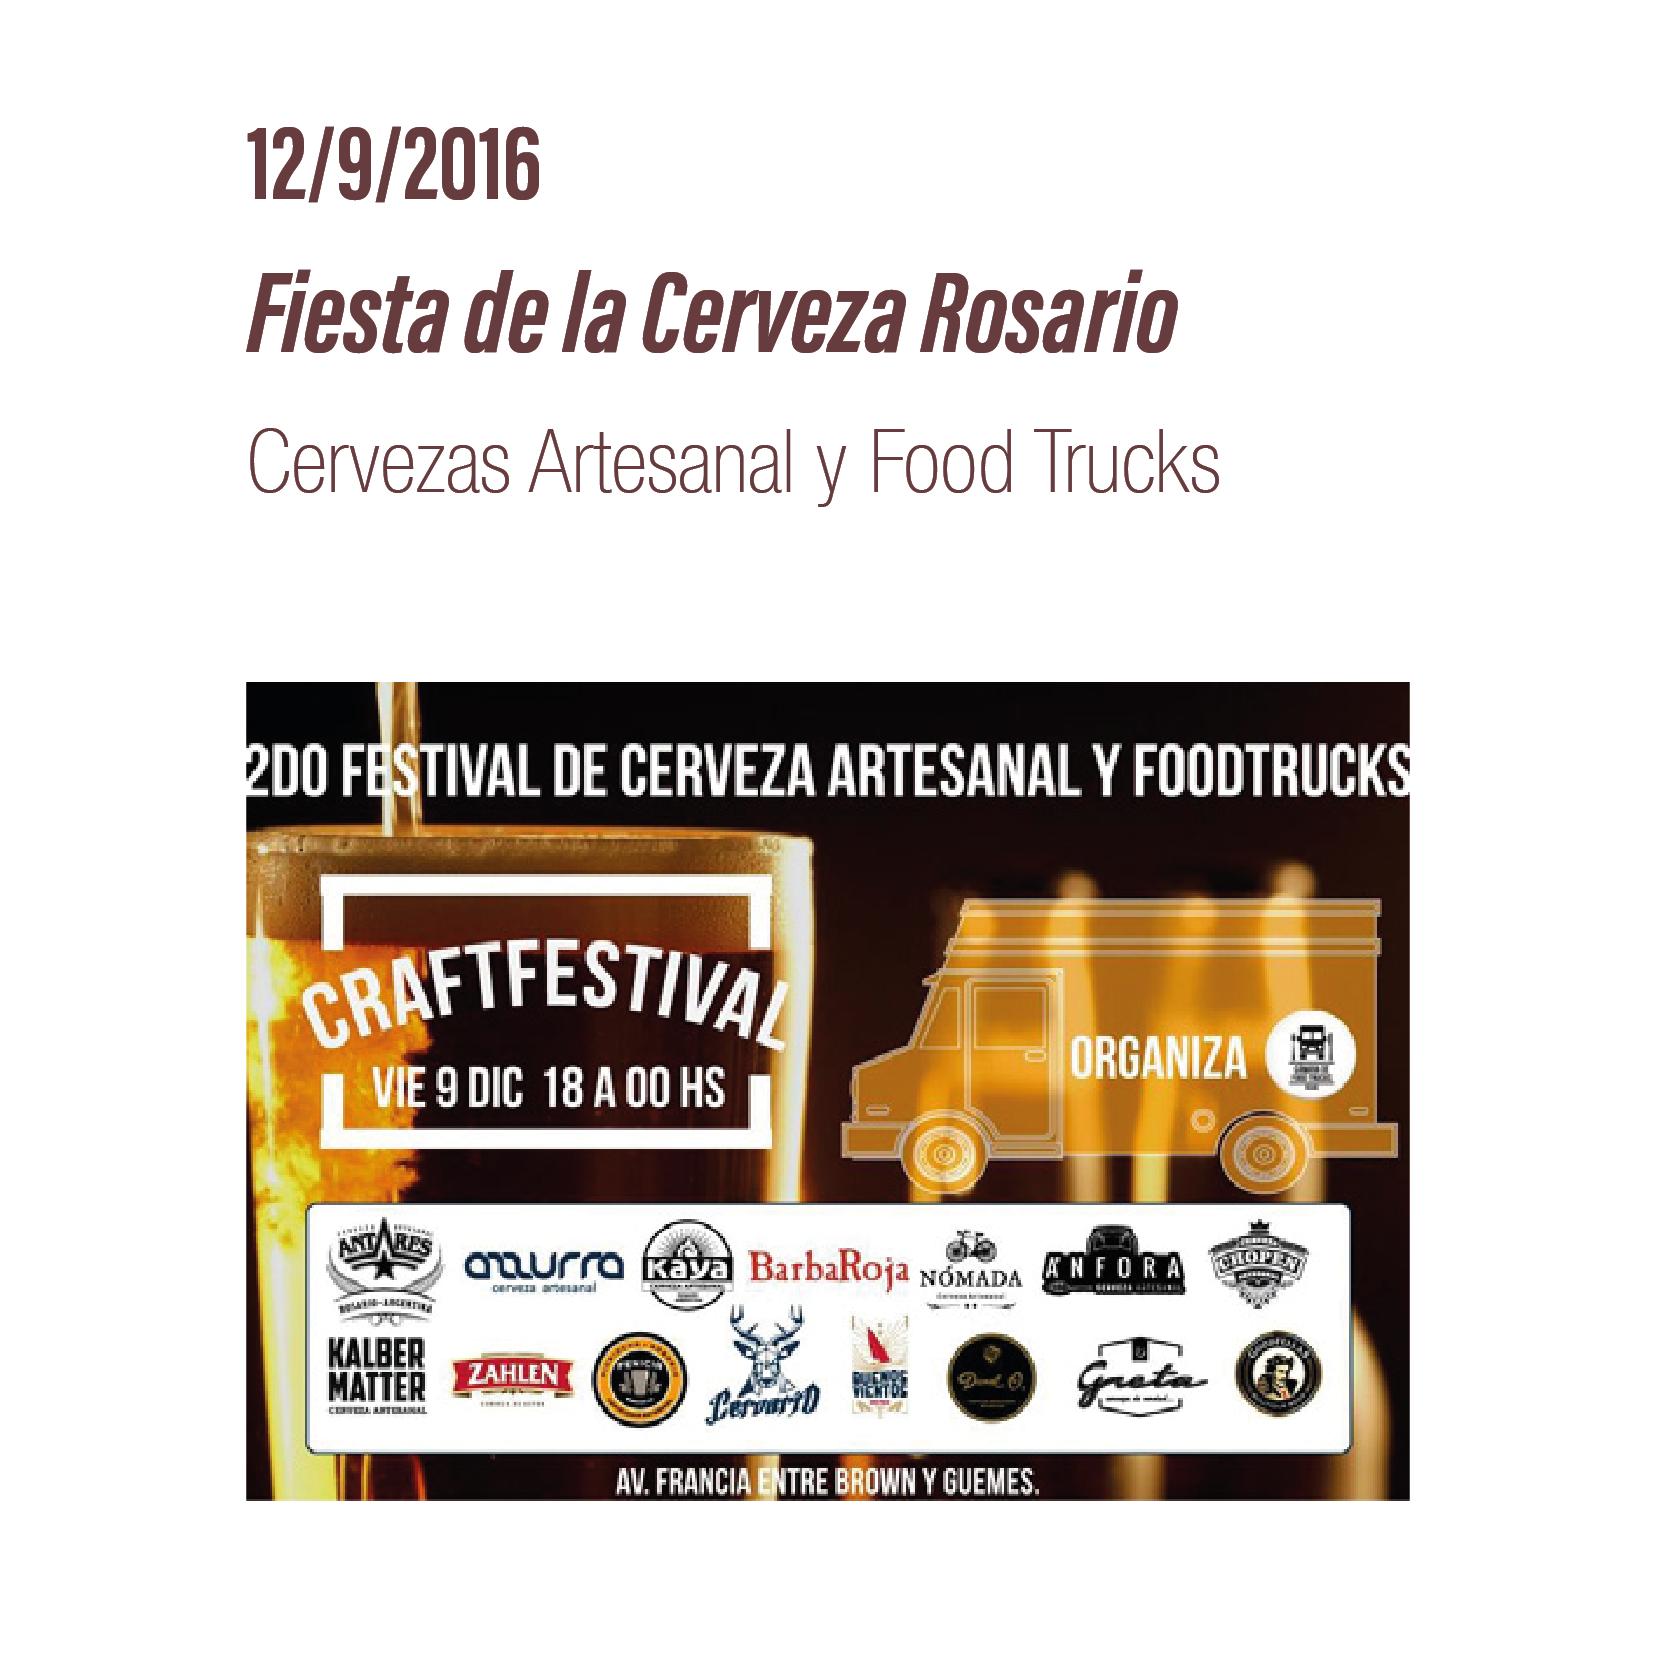 Fiesta de la Cerveza Rosario